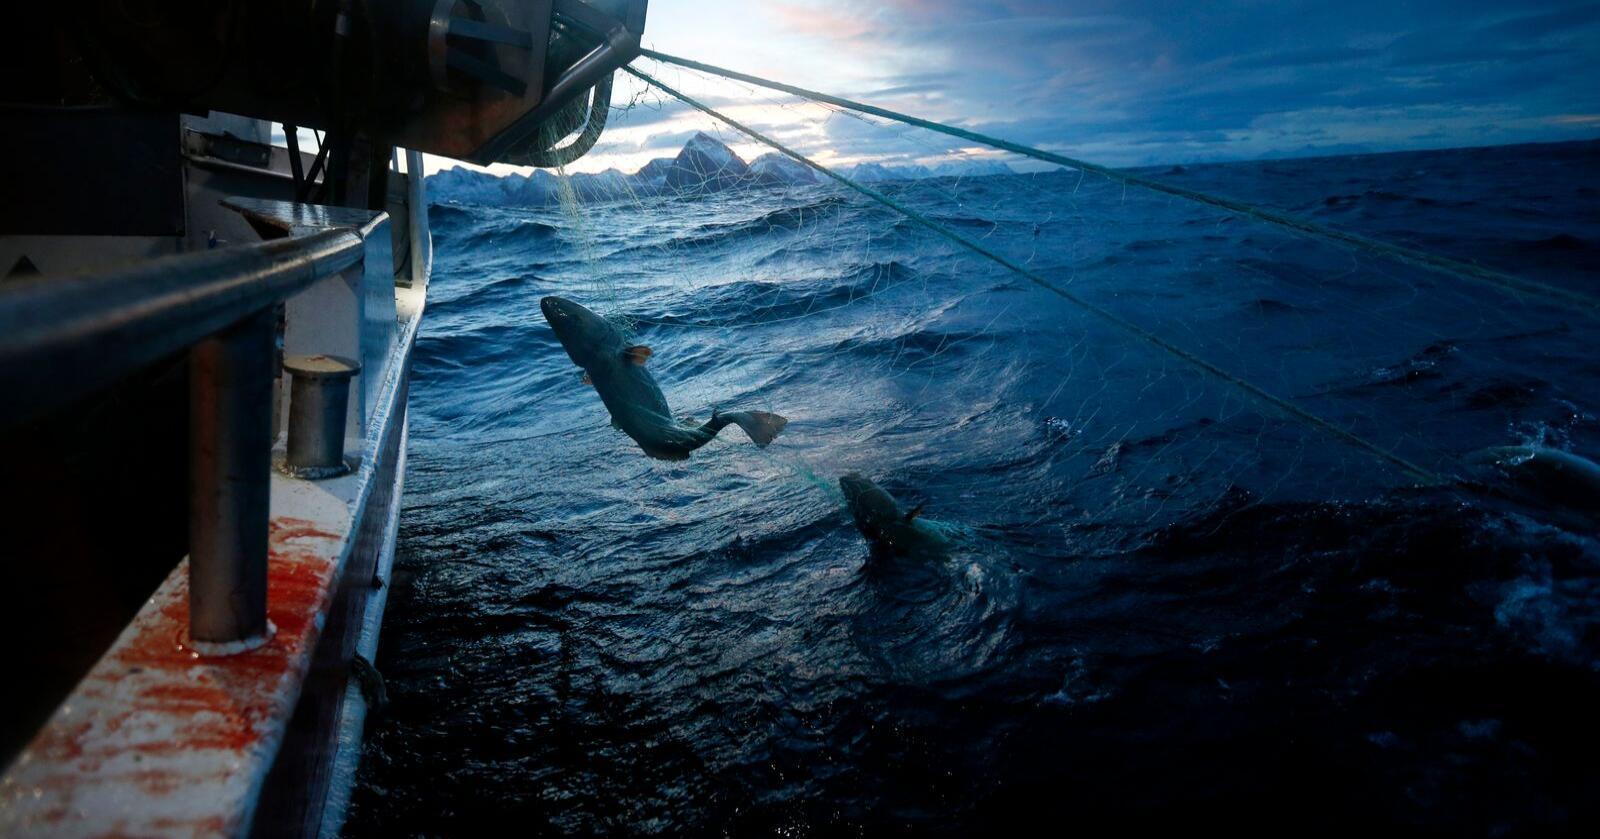 Torskefisket i nord er blitt en verkebyll i forholdet mellom Norge og EU etter brexit. Dette bildet viser fiskere utenfor Senja. Foto: Cornelius Poppe / NTB